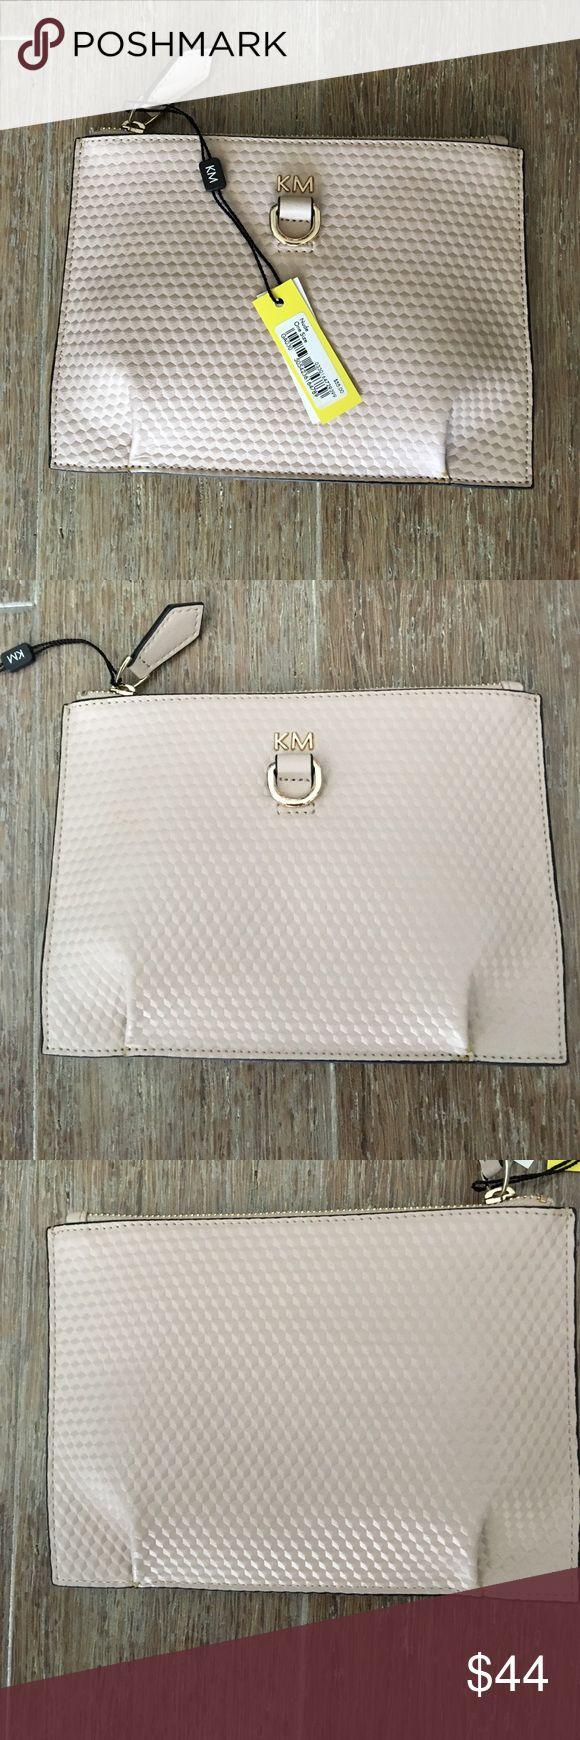 """Karen Millen Nude clutch bag NWT Karen Millen Nude clutch bag NWT. Includes dust bag. measures approx 6"""" x 8"""" Karen Millen Bags Clutches & Wristlets"""